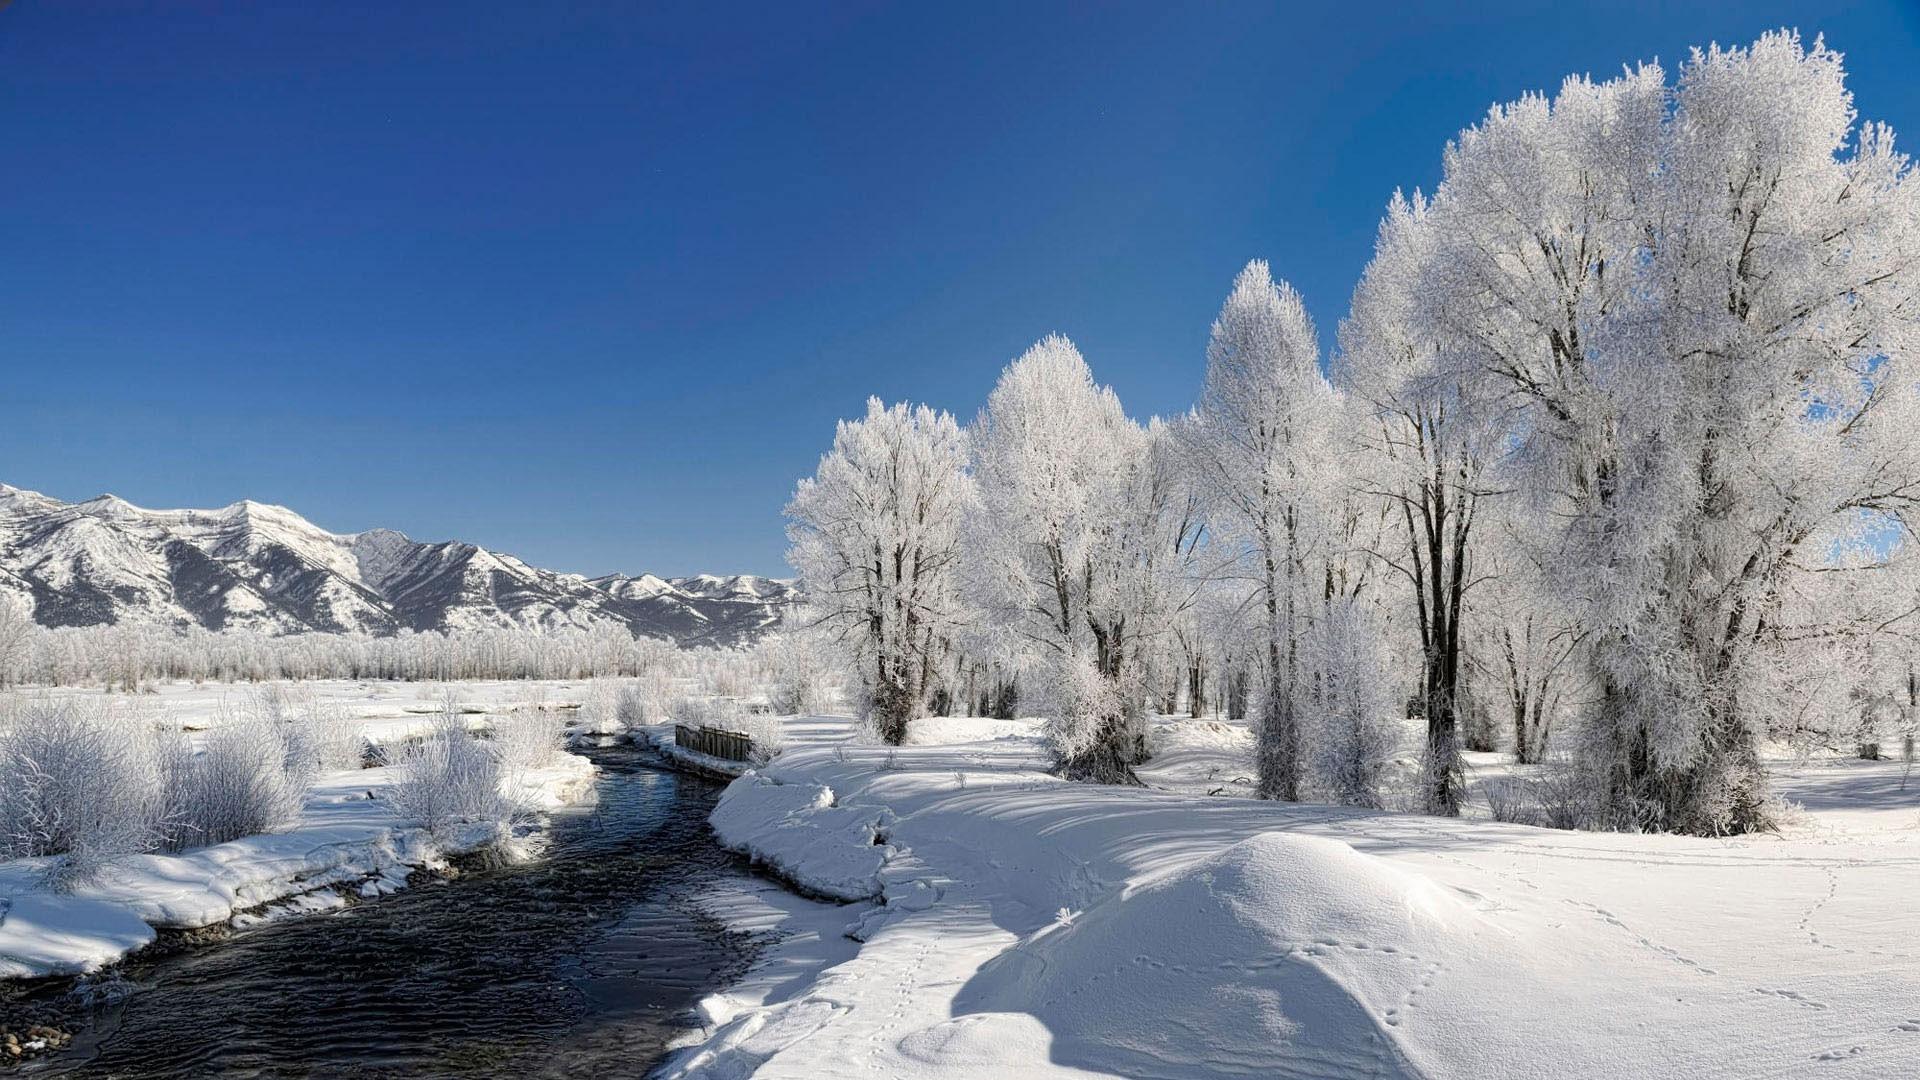 38455 скачать обои Пейзаж, Зима, Река - заставки и картинки бесплатно